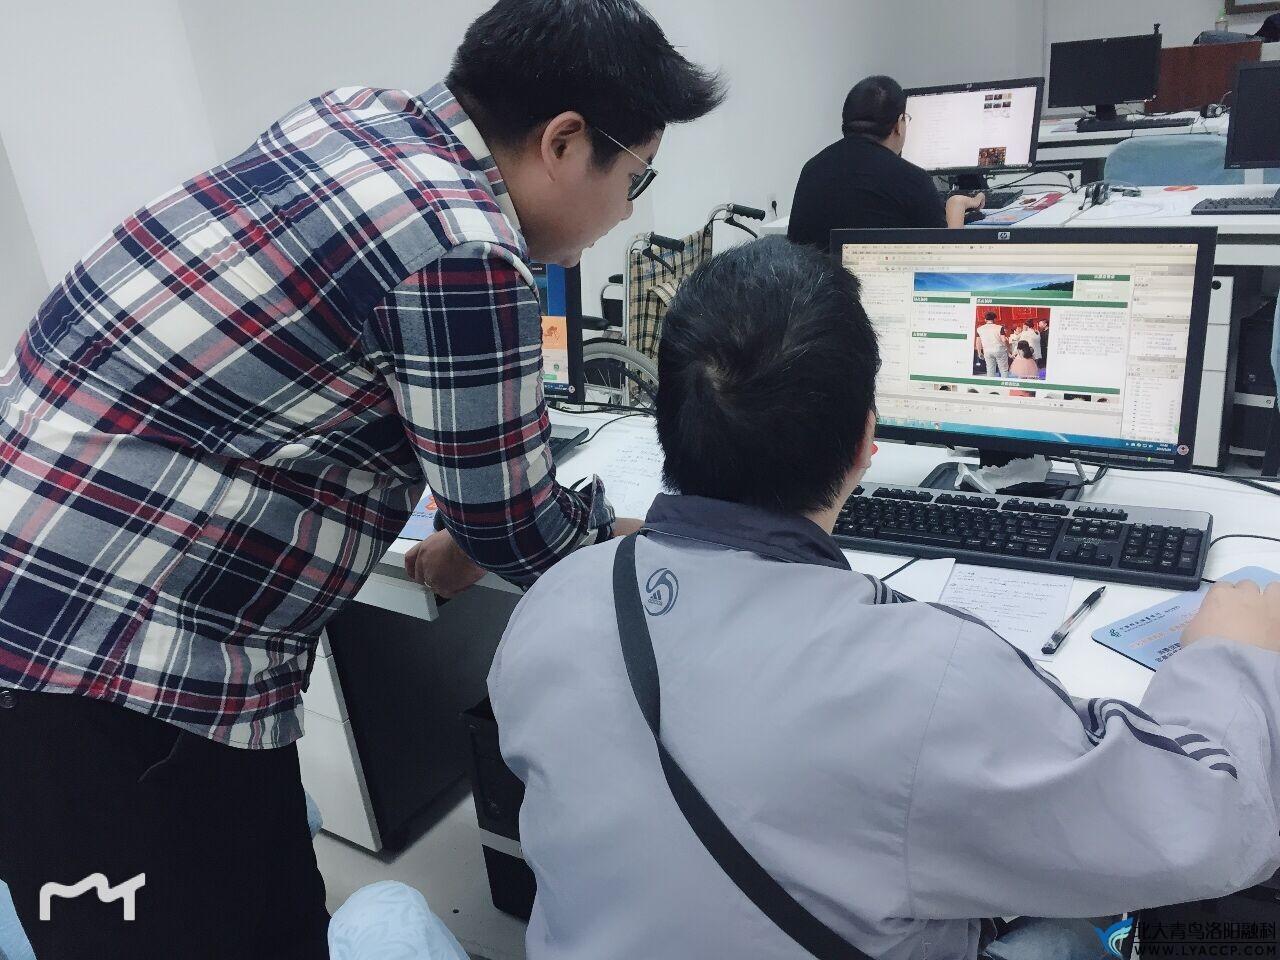 第六届残疾人计算机大赛